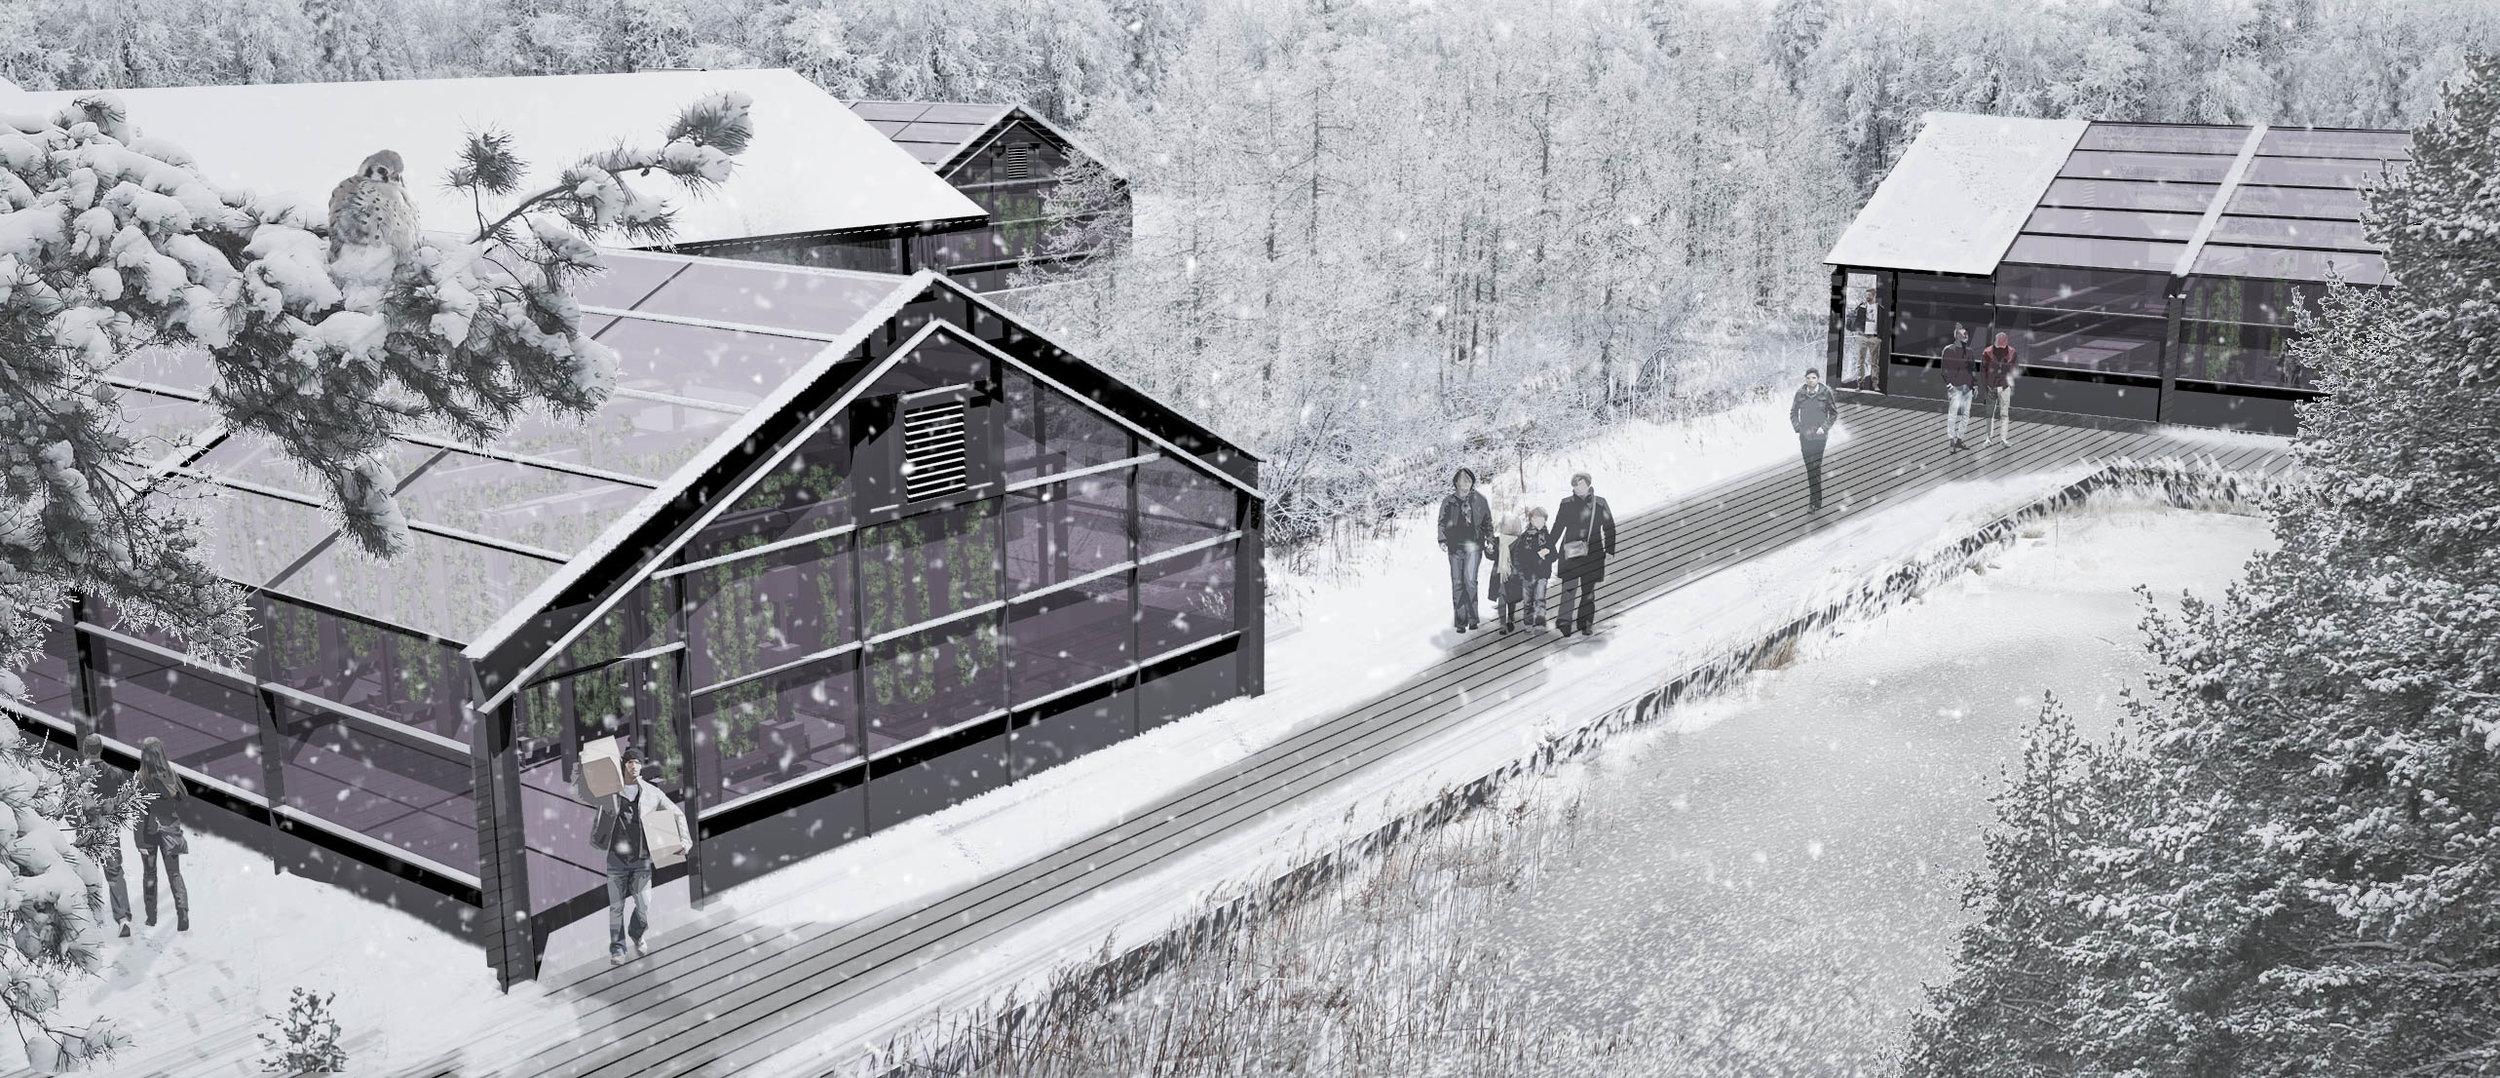 A Final snow2.jpg